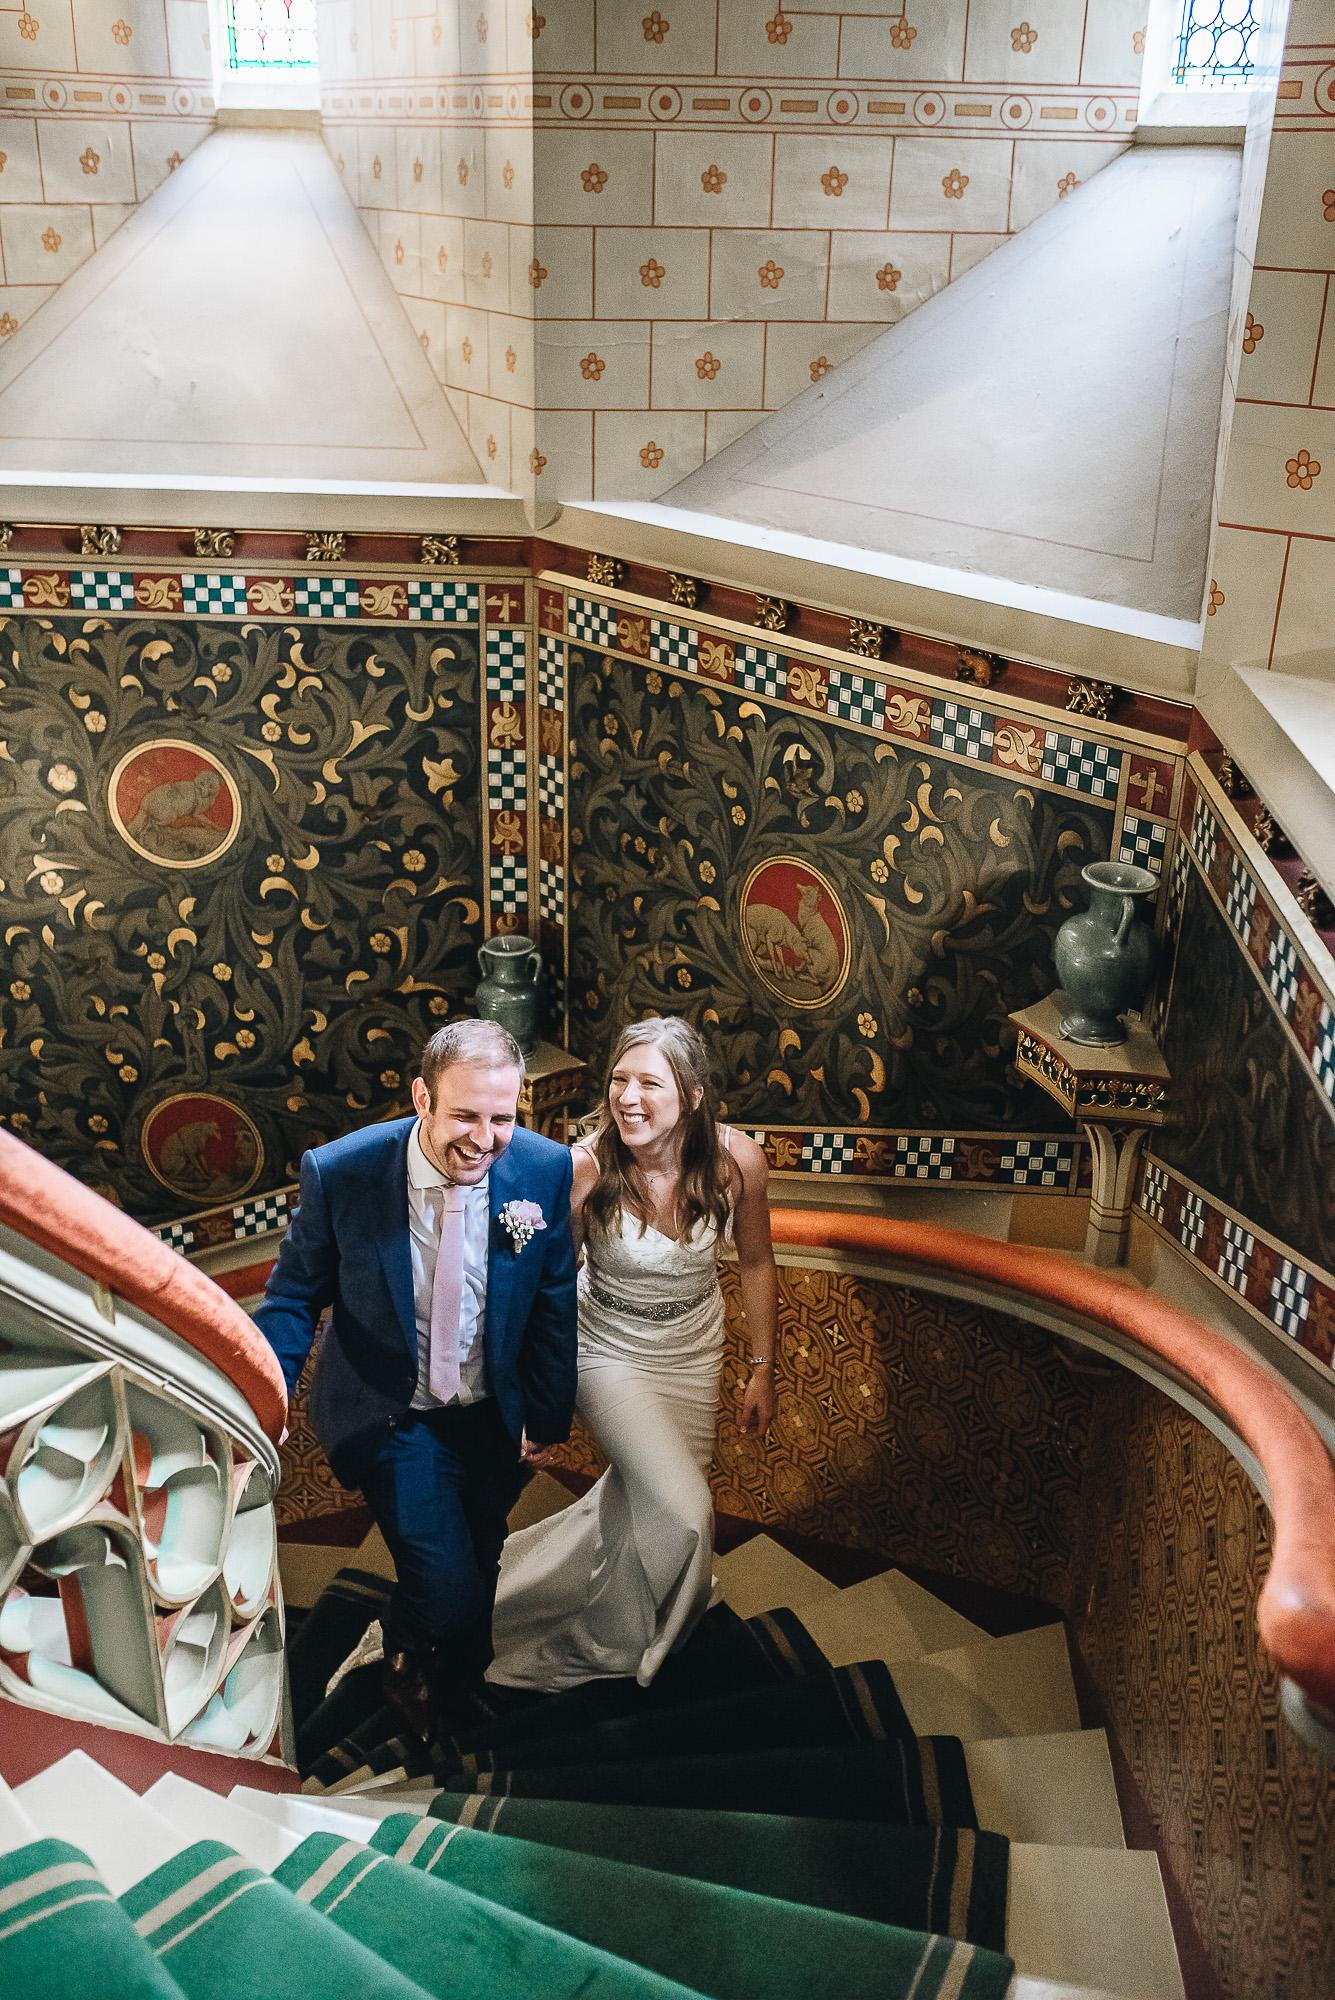 OurBeautifulAdventure-CardiffCastleWedding-Maddie&Joe-WeddingBlog-1866.jpg